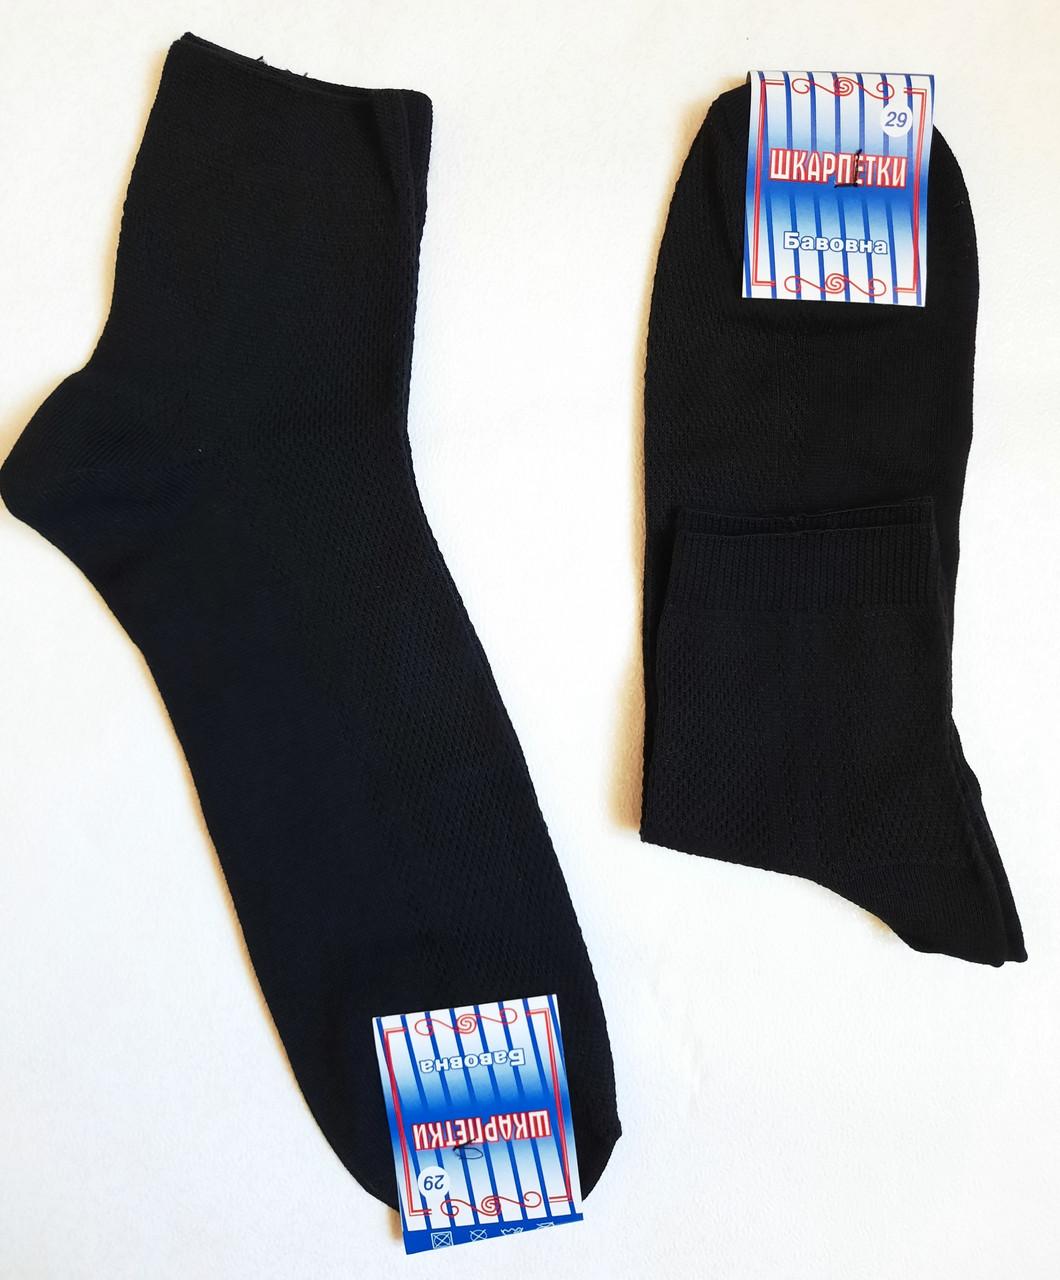 Шкарпетки чоловічі сіточка бавовна Україна р. 29 чорний. Від 10 пар по 5грн